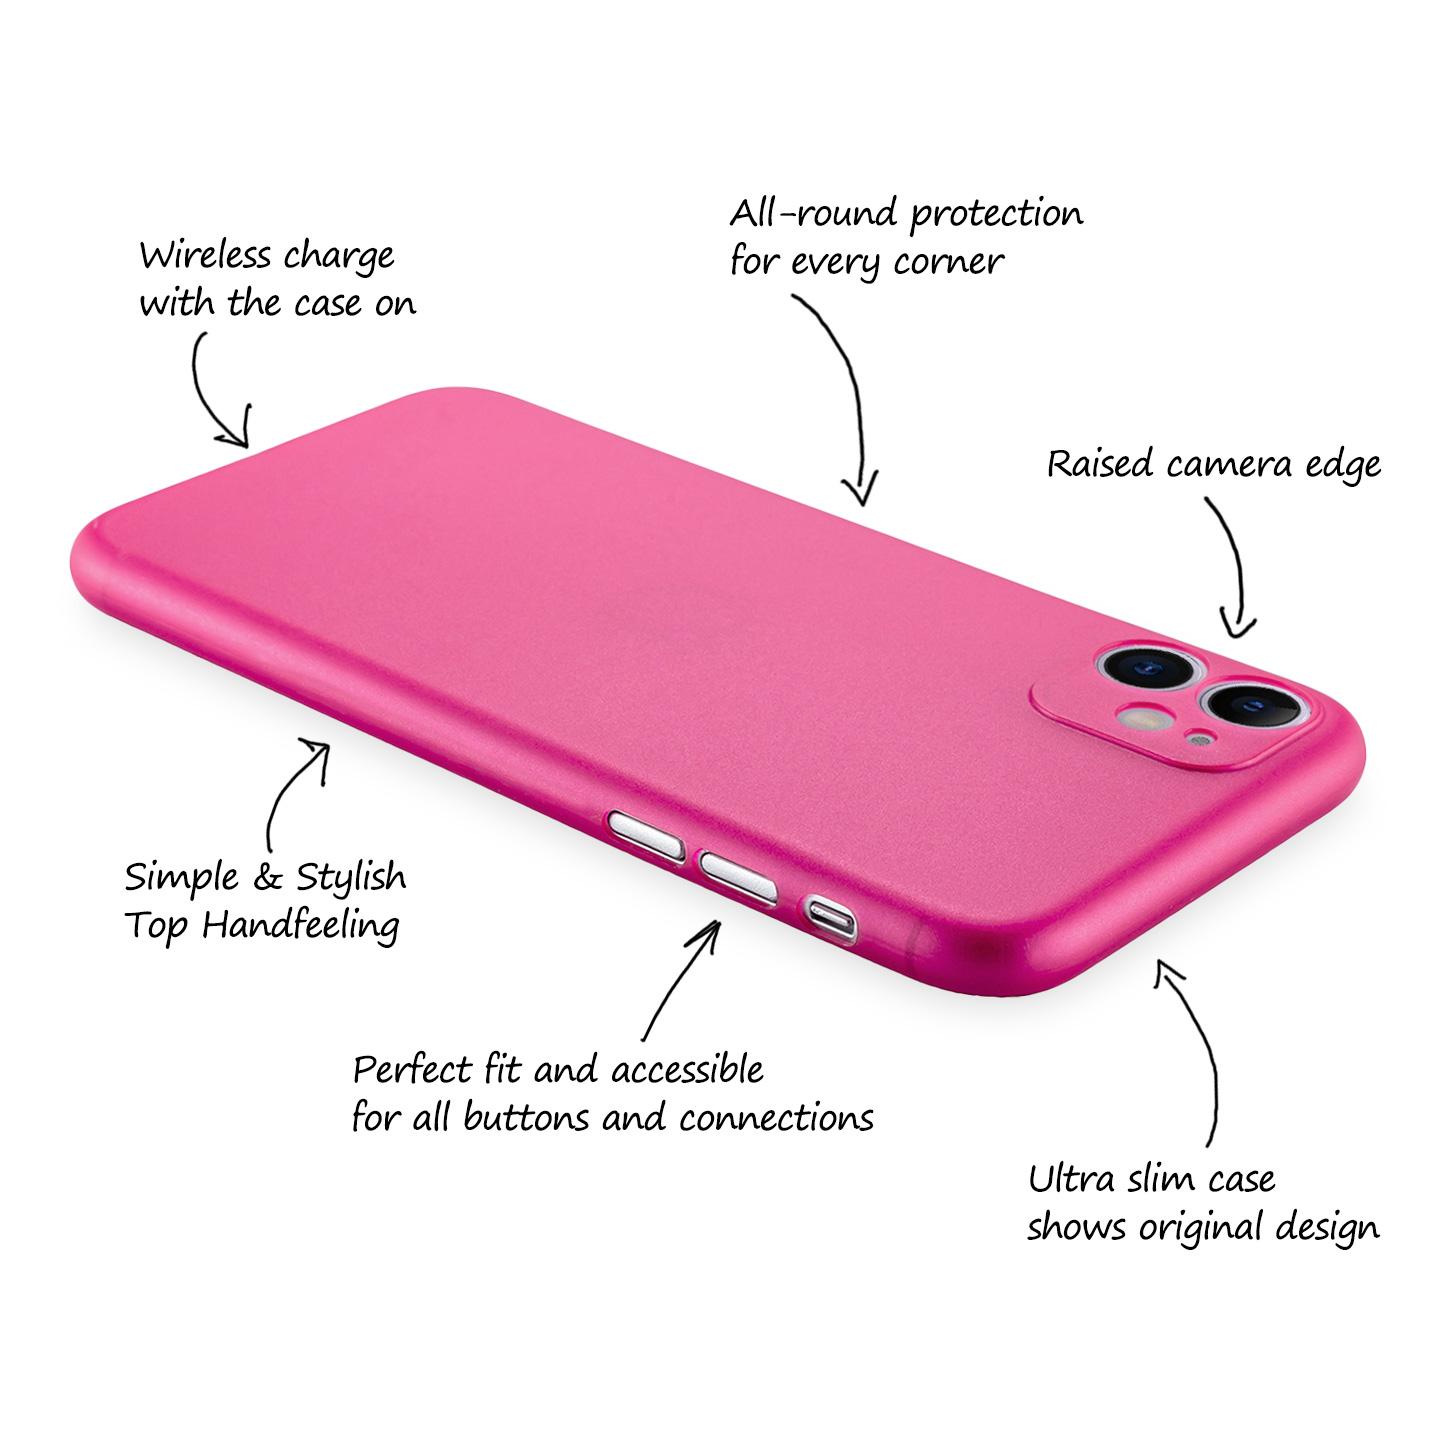 Ultra-Slim-Case-iPhone-11-6-1-034-Matt-Clear-Schutz-Huelle-Skin-Cover-Tasche-Folie Indexbild 18